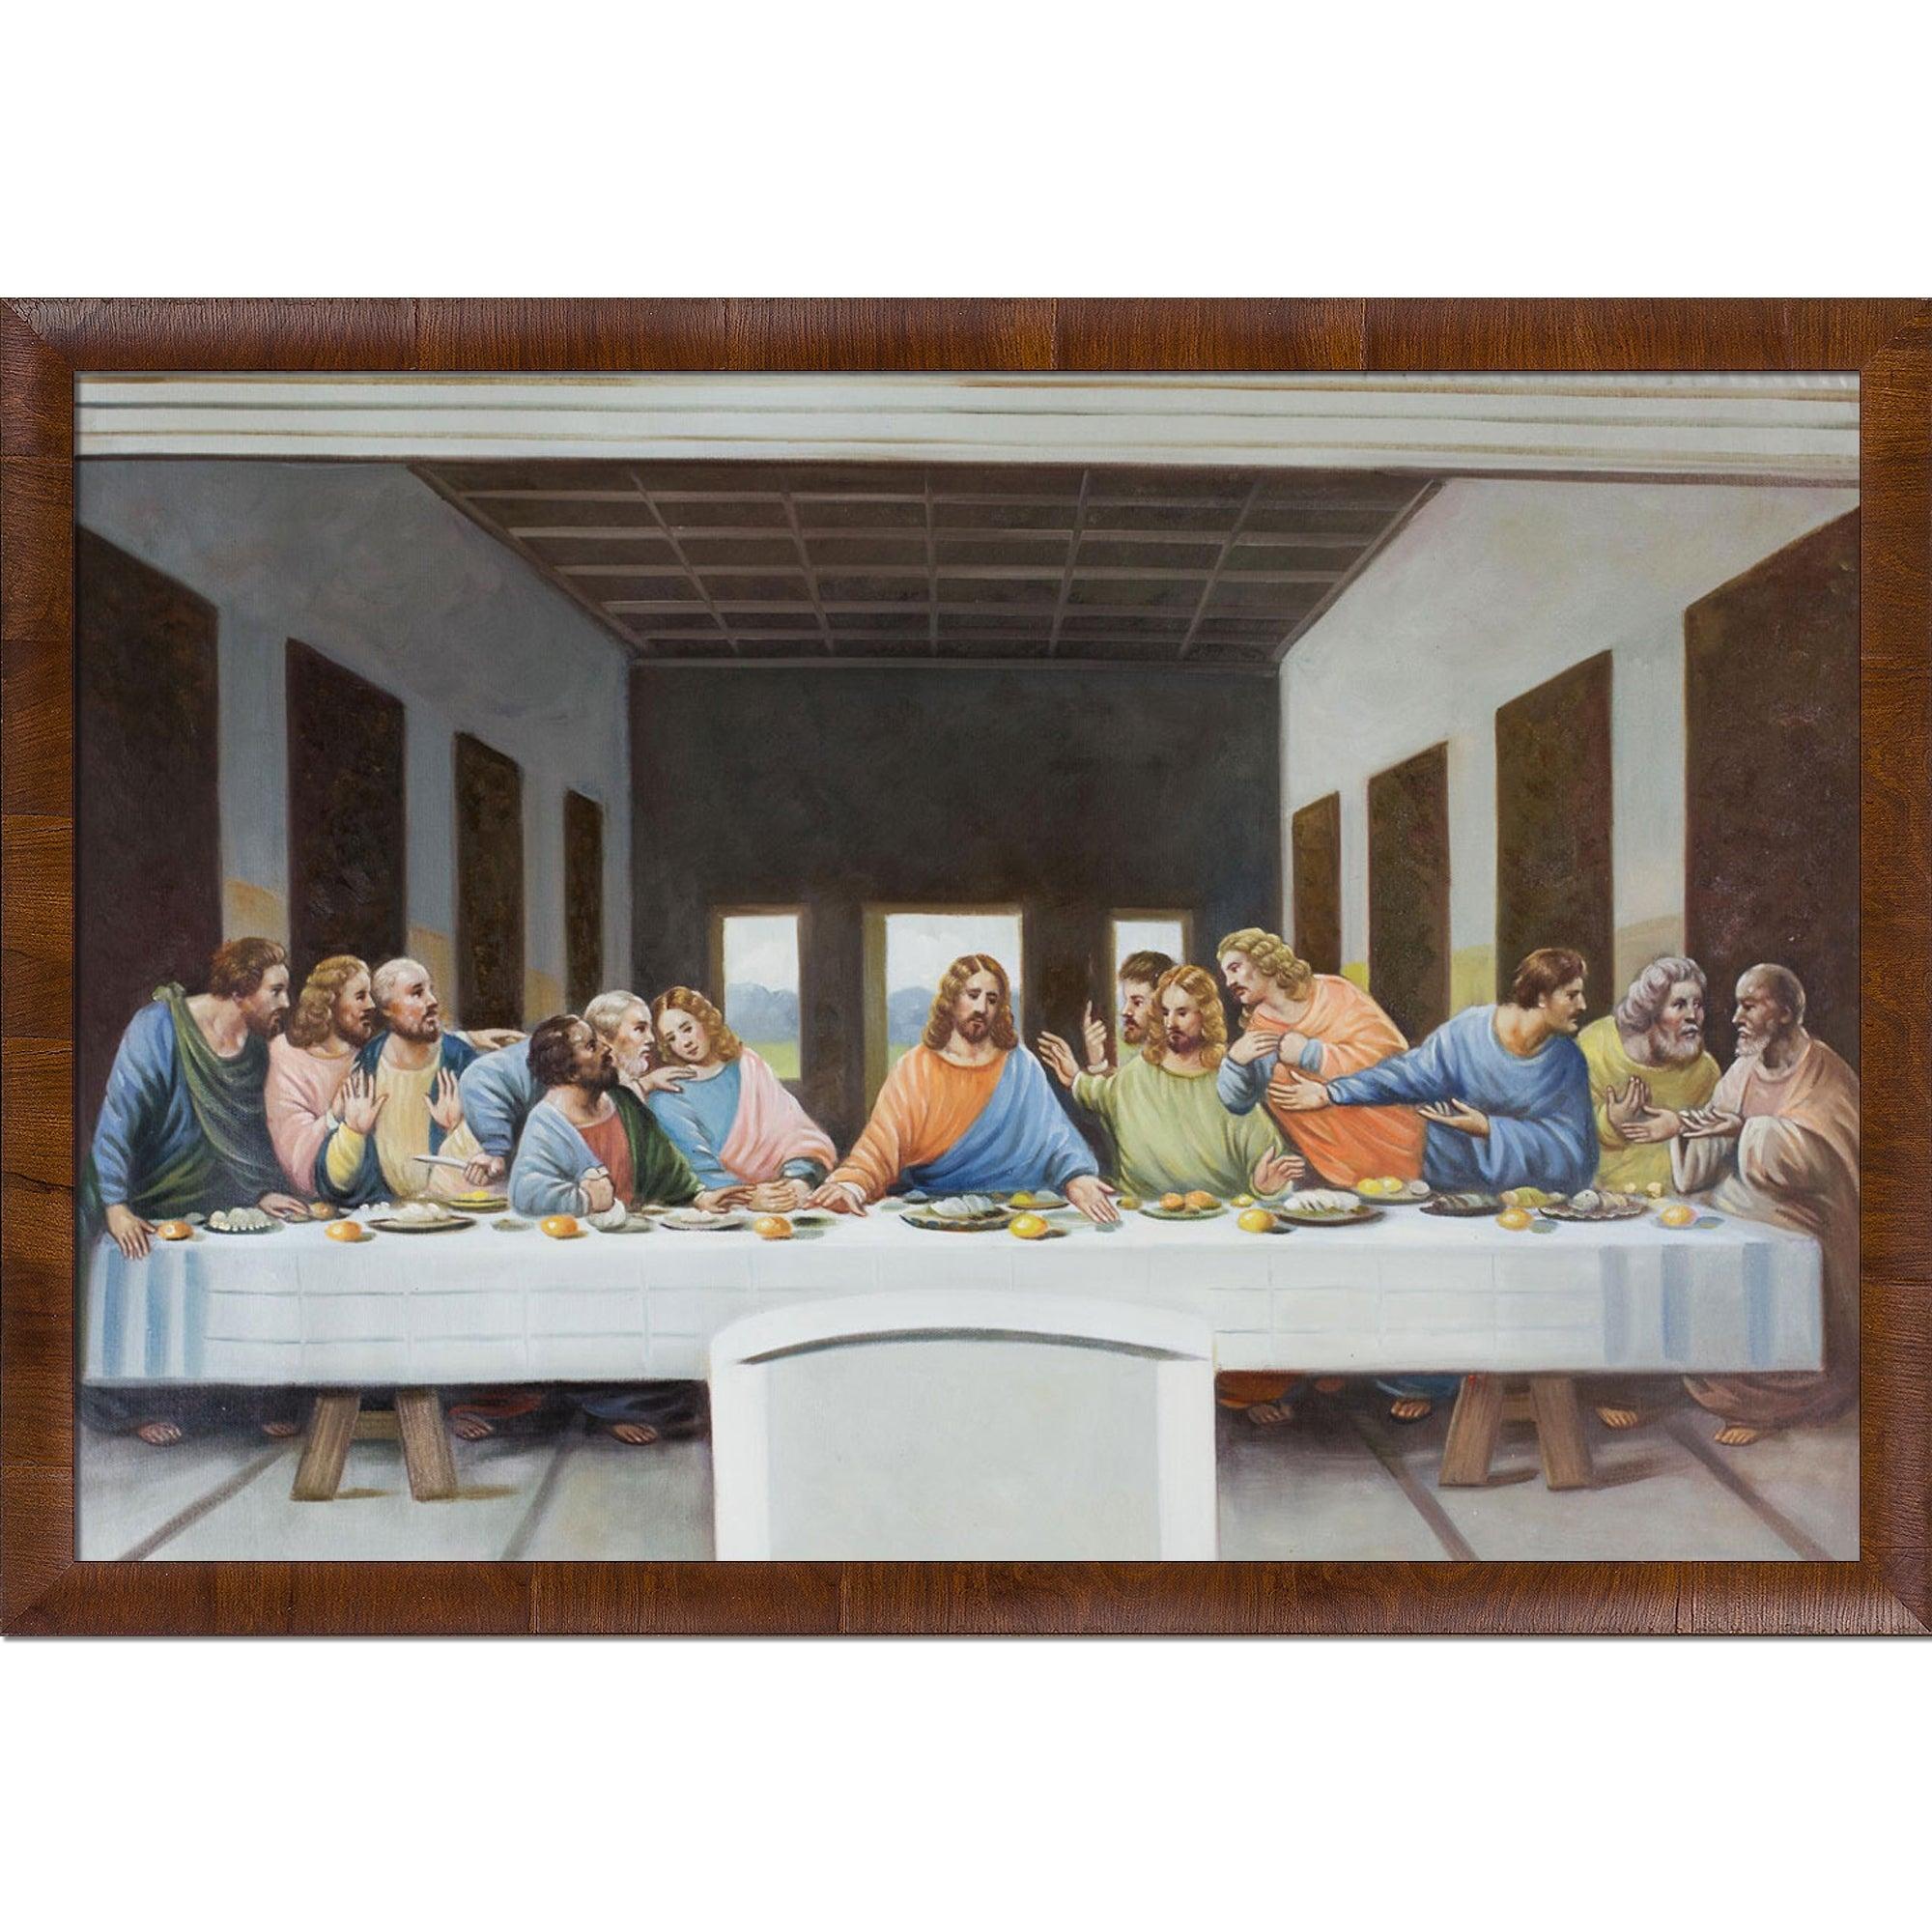 Leonardo Da Vinci The Last Supper Coloring Page Leonardo Da Vinci The Last Supper Hand Painted Oil Reproduction